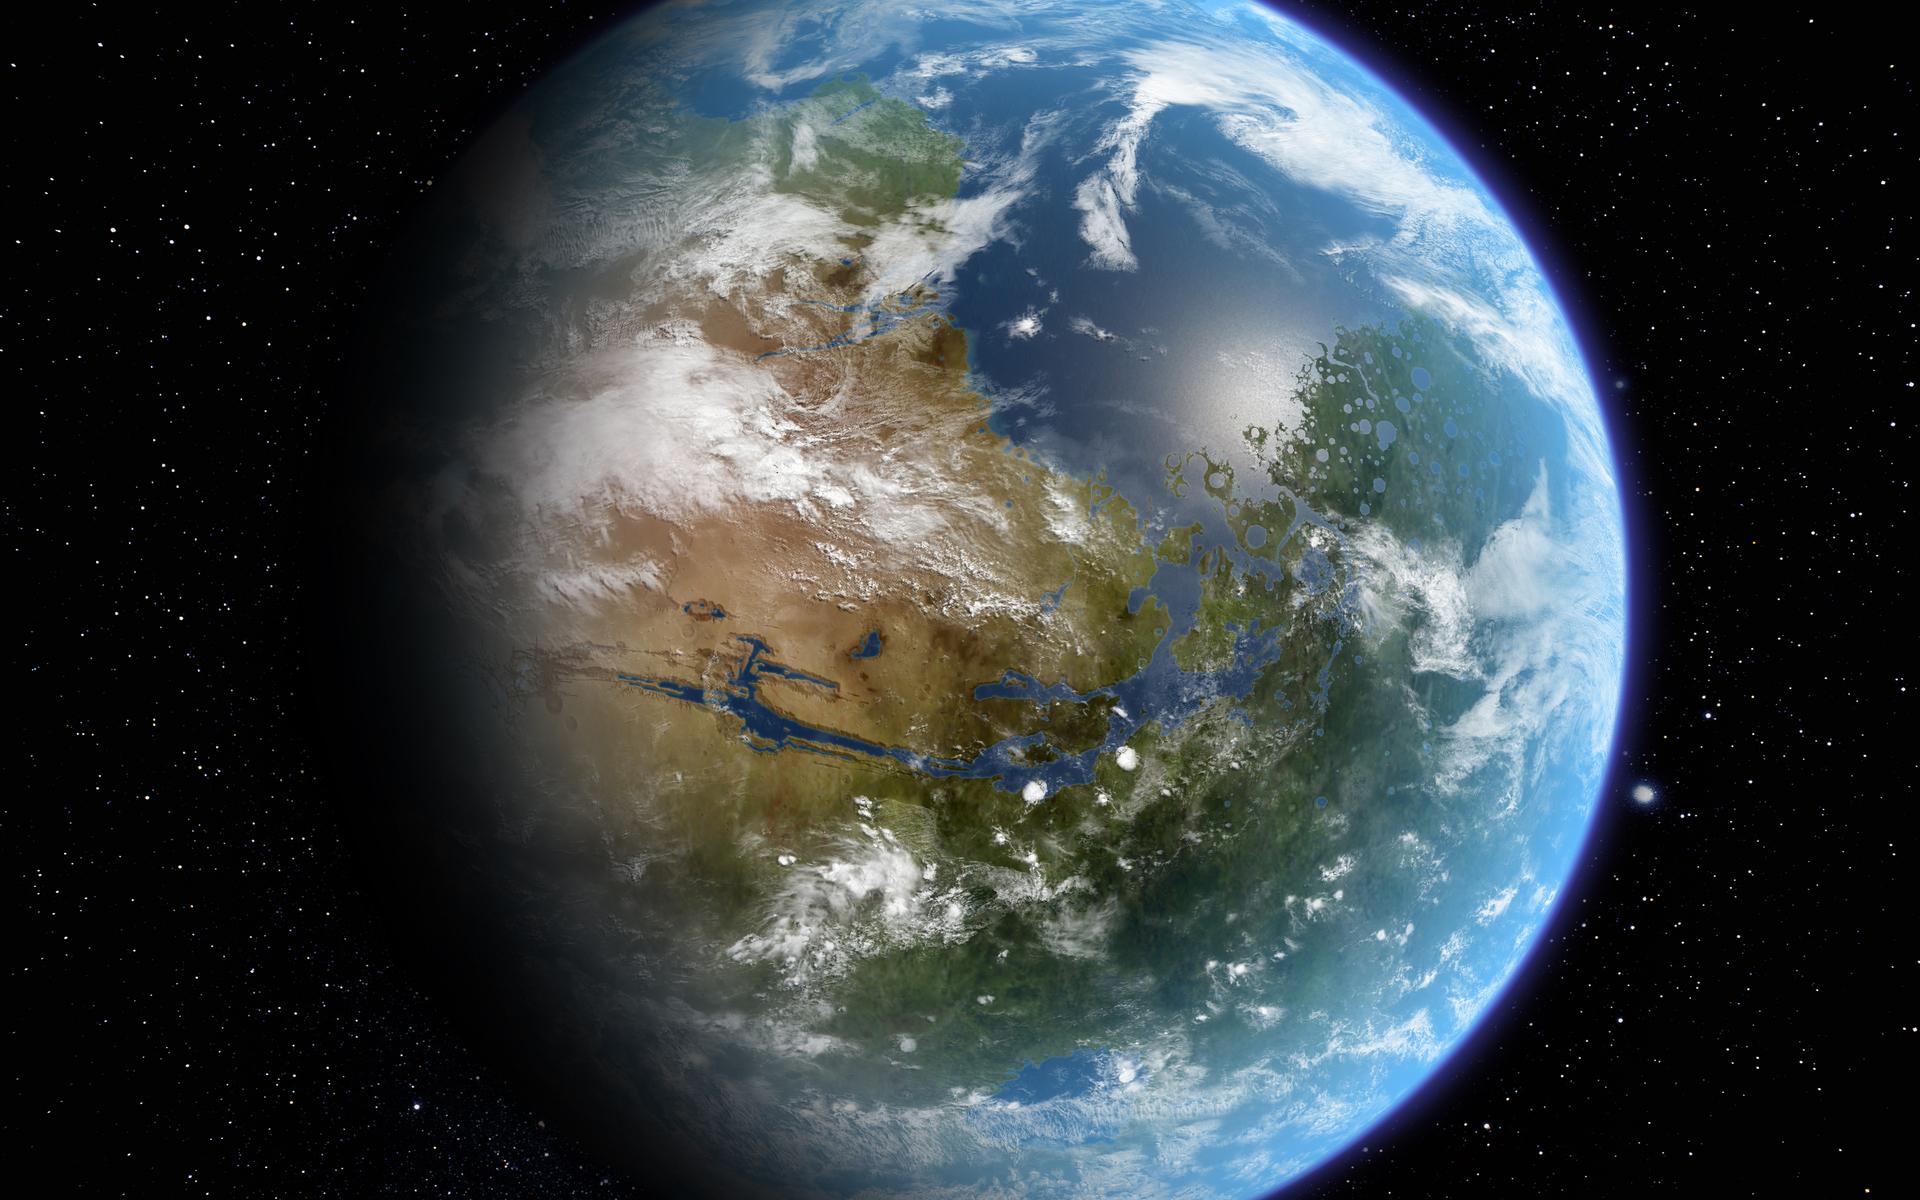 приготовления голубая планета летит к земле фото здесь помогут